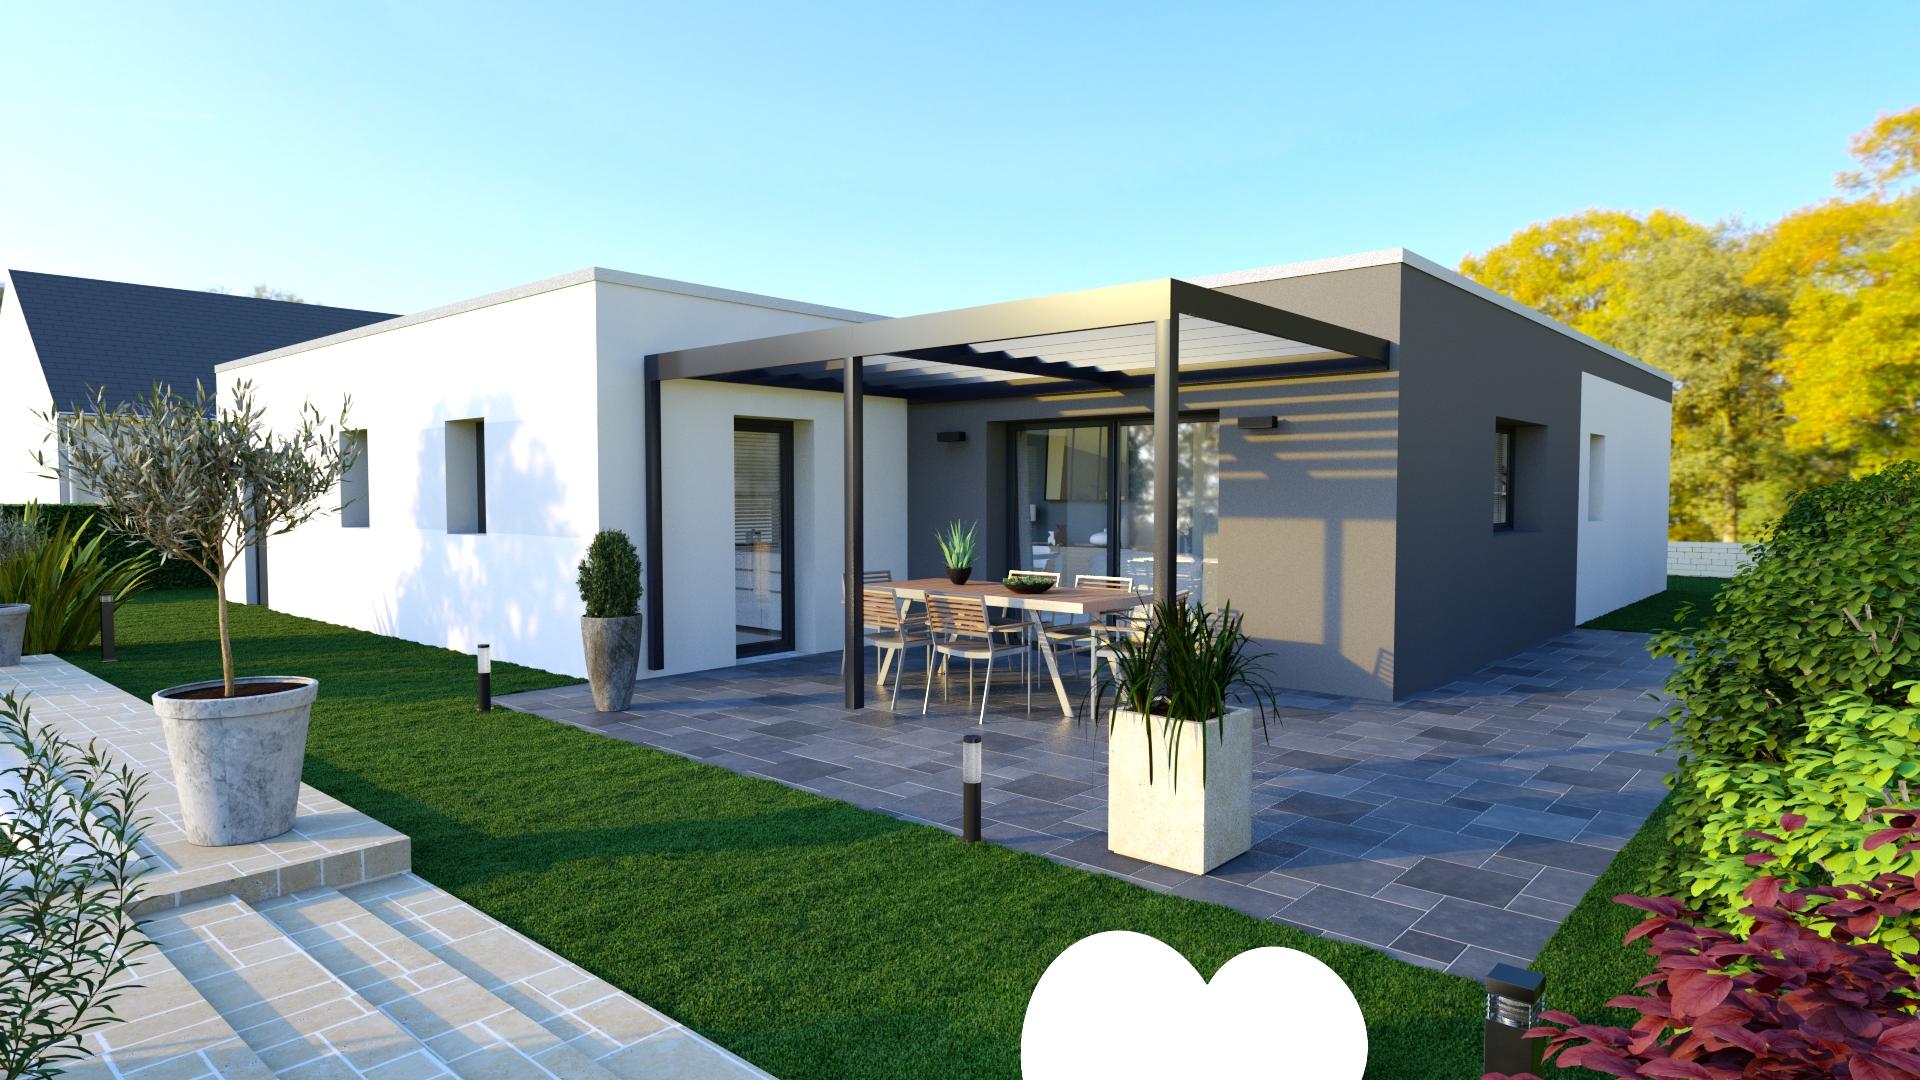 Maison design toit plat bas en basset logivelay for Maison design toit plat